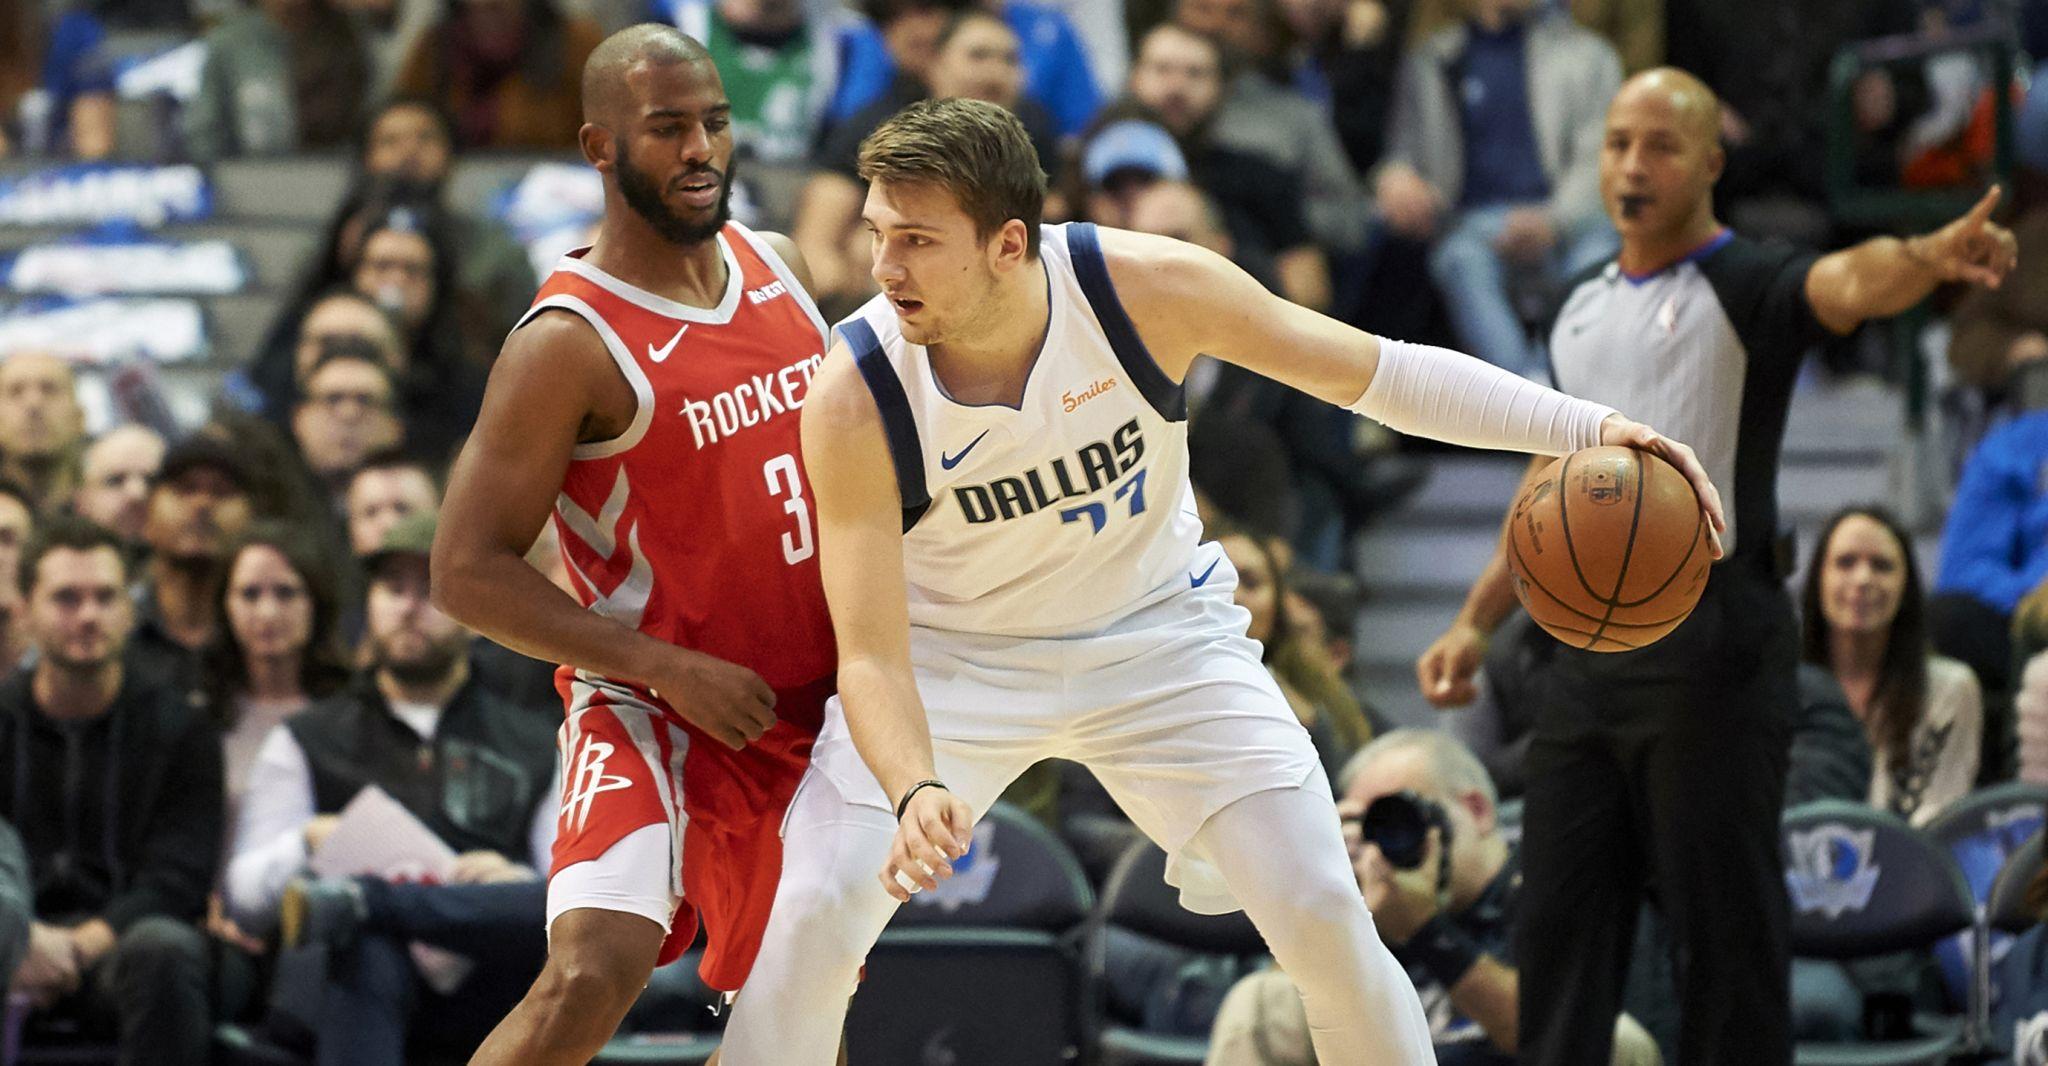 Luka Doncic sparks Mavericks past reeling Rockets